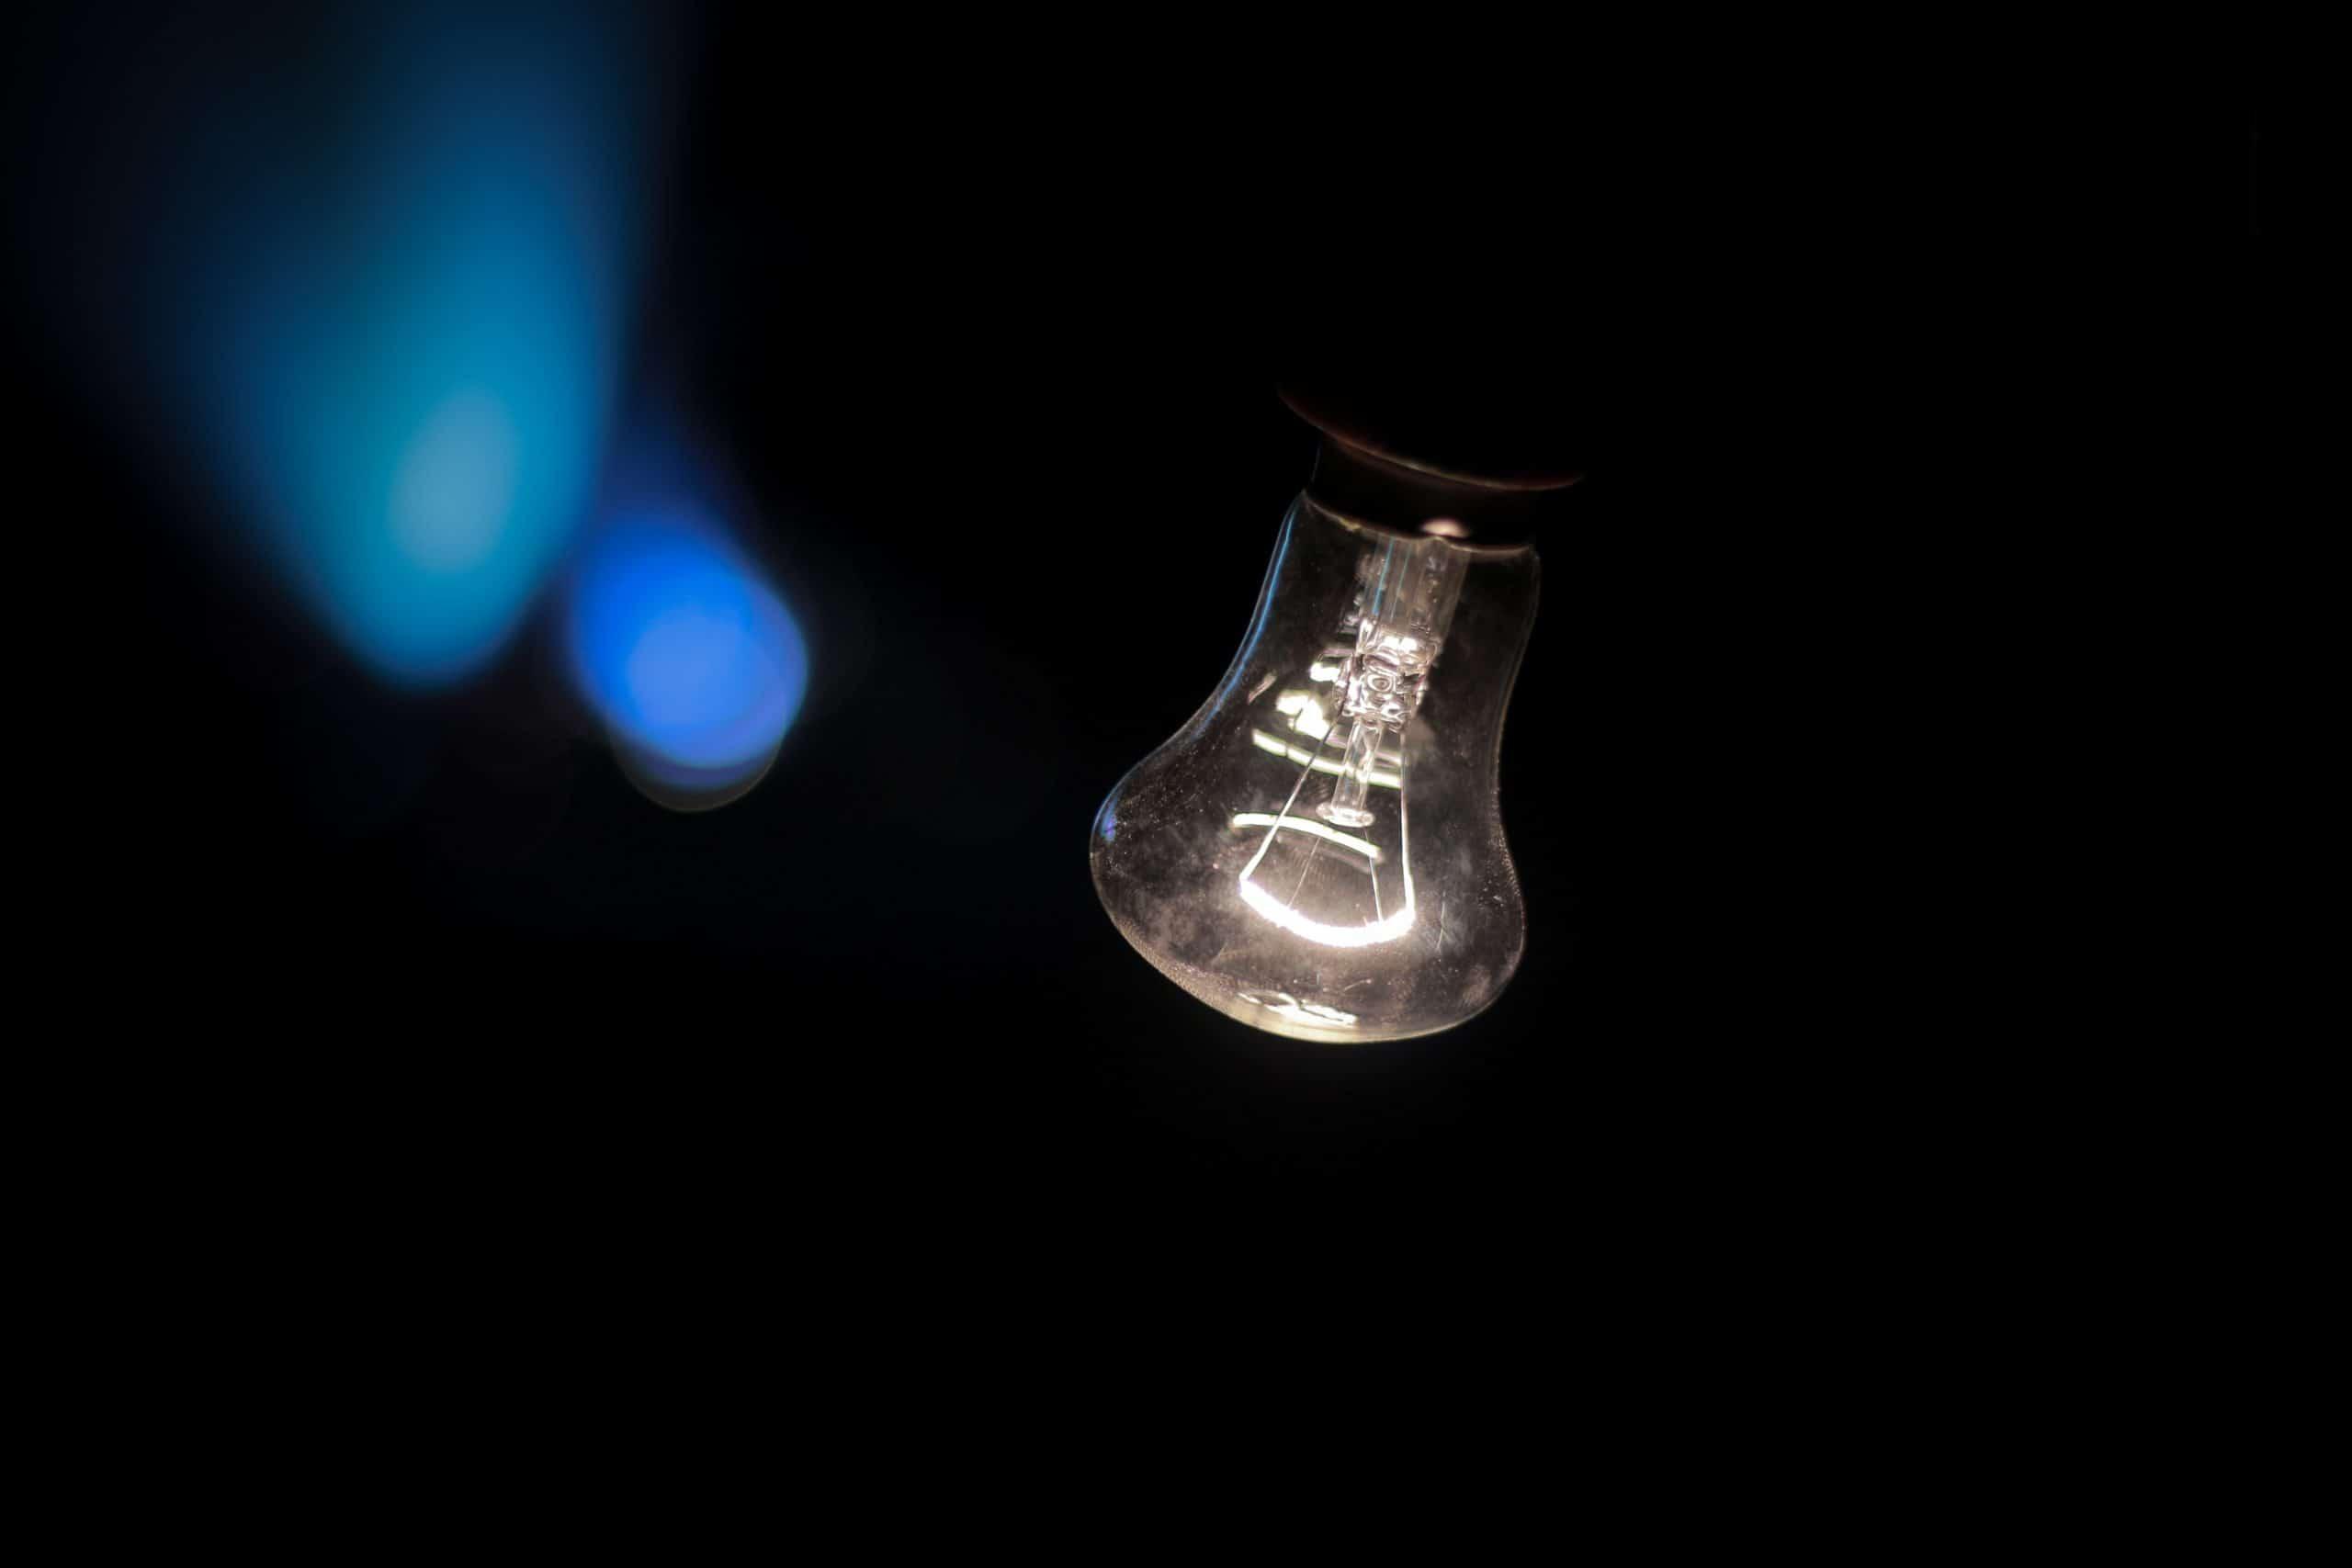 Segurança energética no varejo, porque é essencial se preocupar